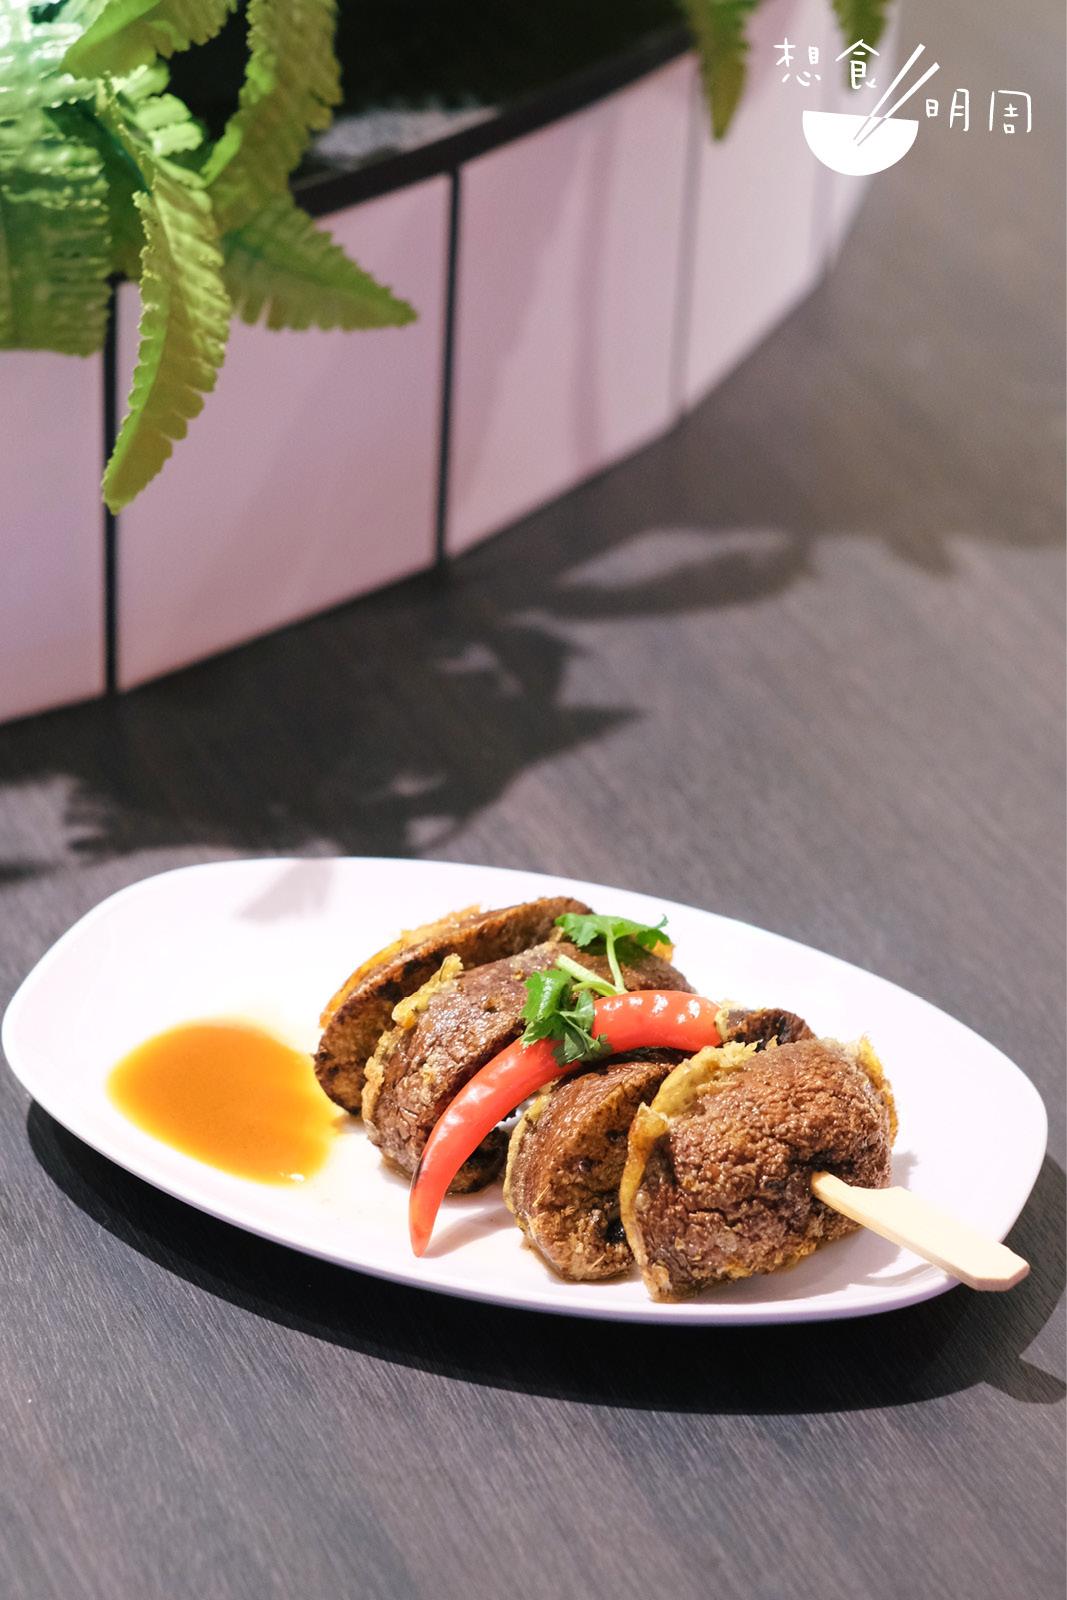 把秘製香料灑上大啡菇,雖然菇菌燒烤得恰到好處,但味道有點過濃,適合分享食用。($16)